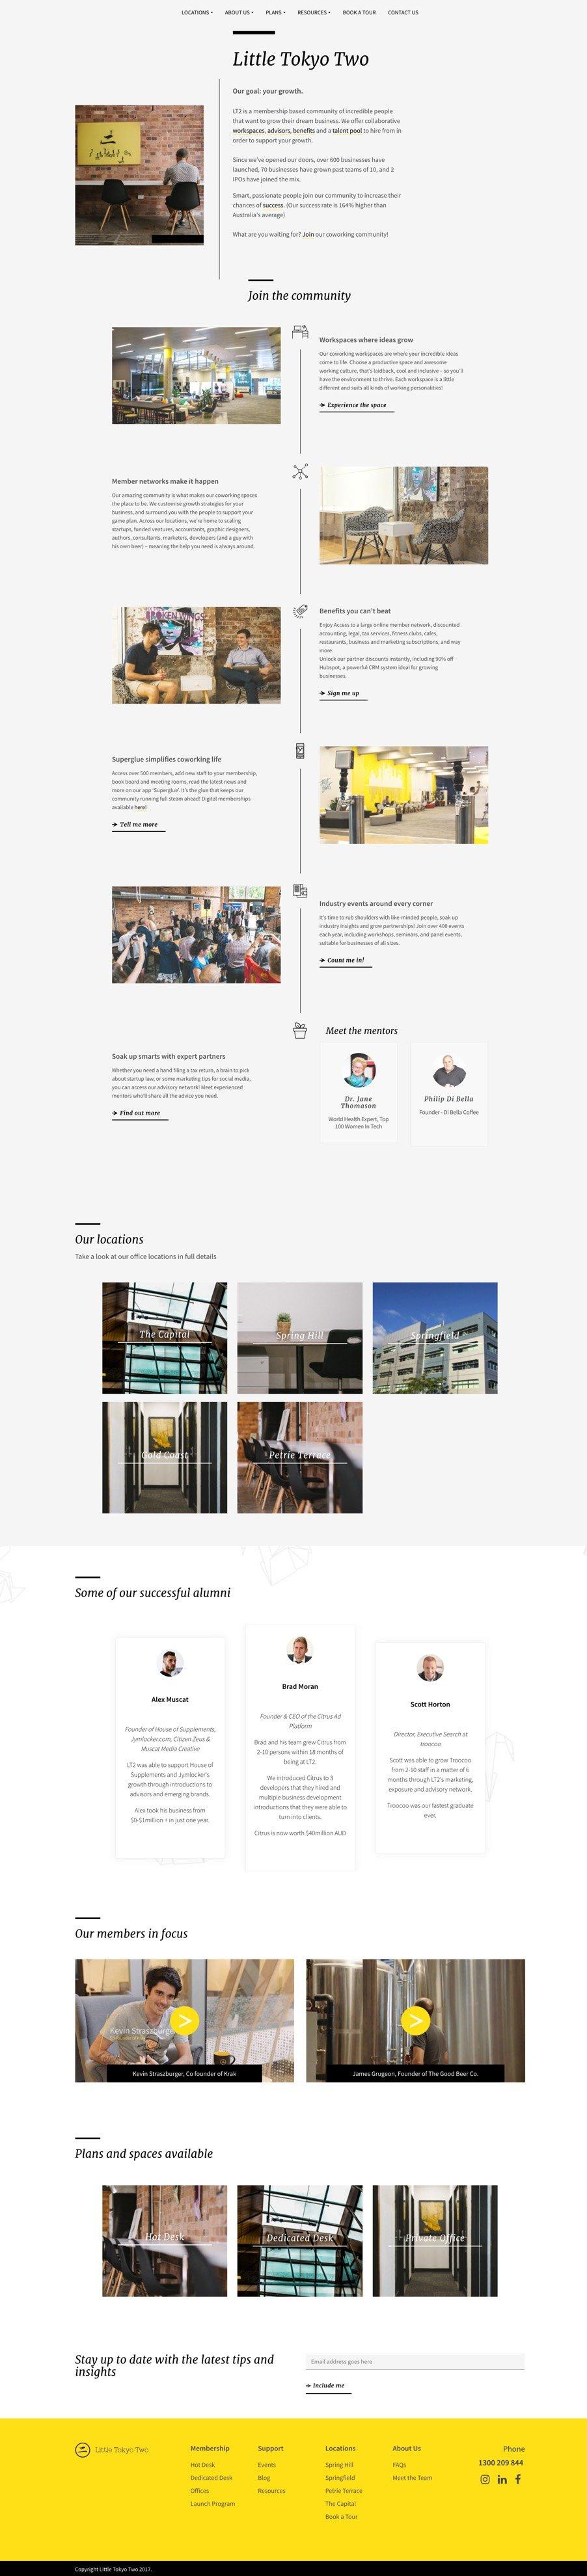 Little Tokyo Two Website Screenshot